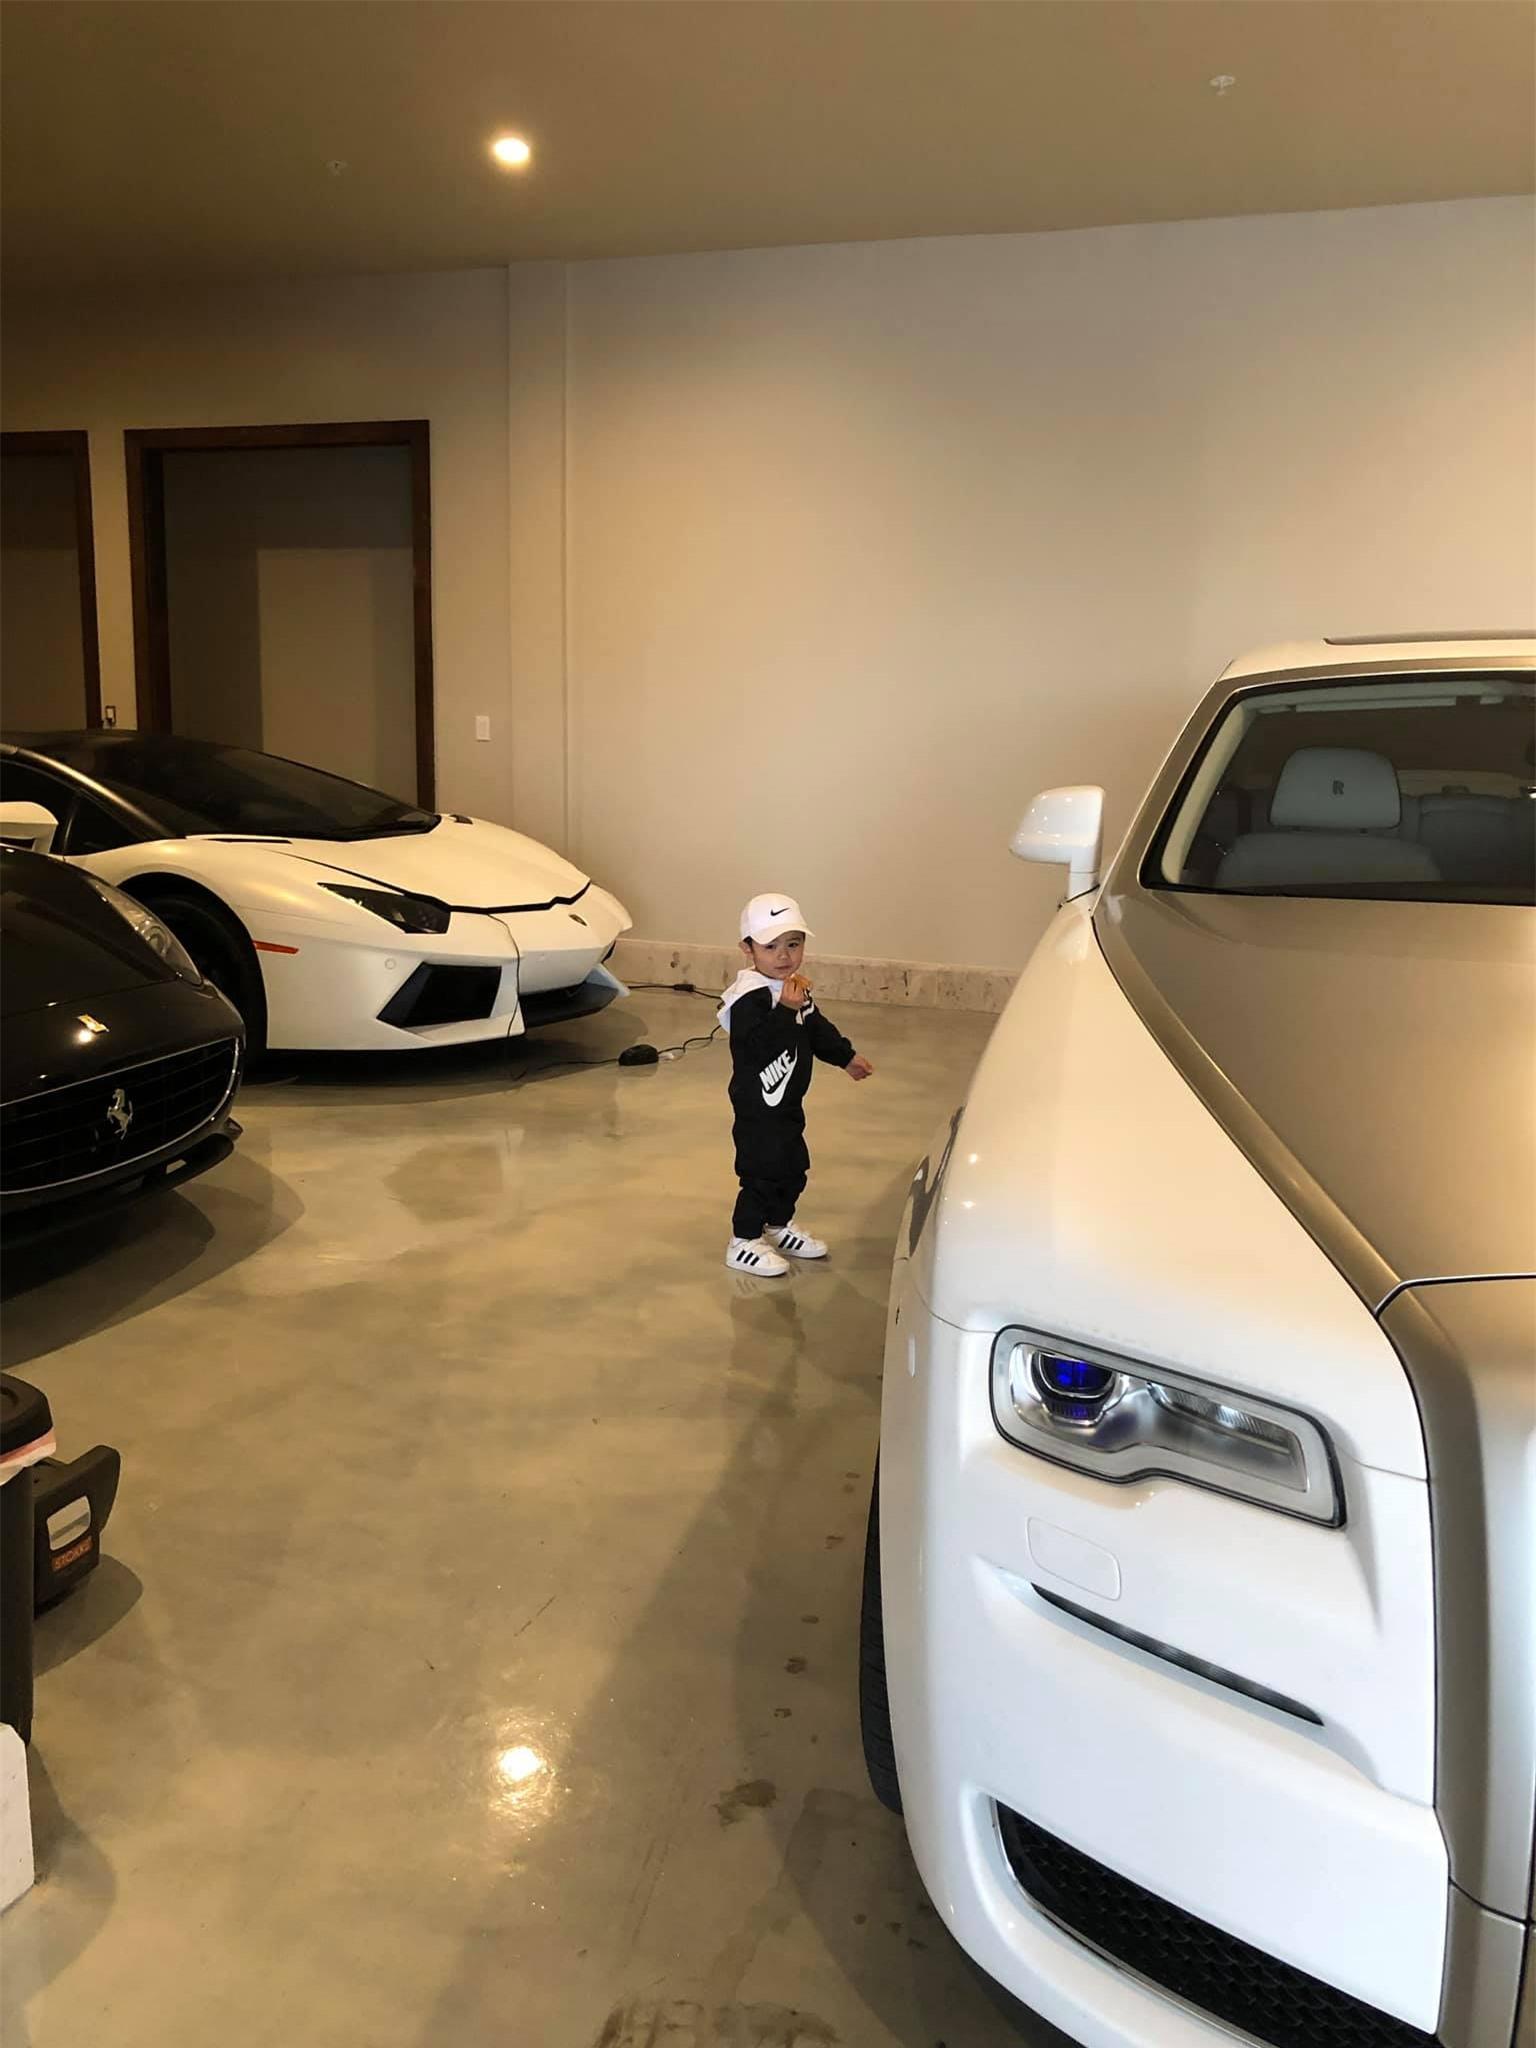 Bộ sưu tập siêu xe, xe siêu sang triệu USD của vợ chồng Thủy Tiên - Đan Trường thuở còn mặn nồng - Ảnh 4.